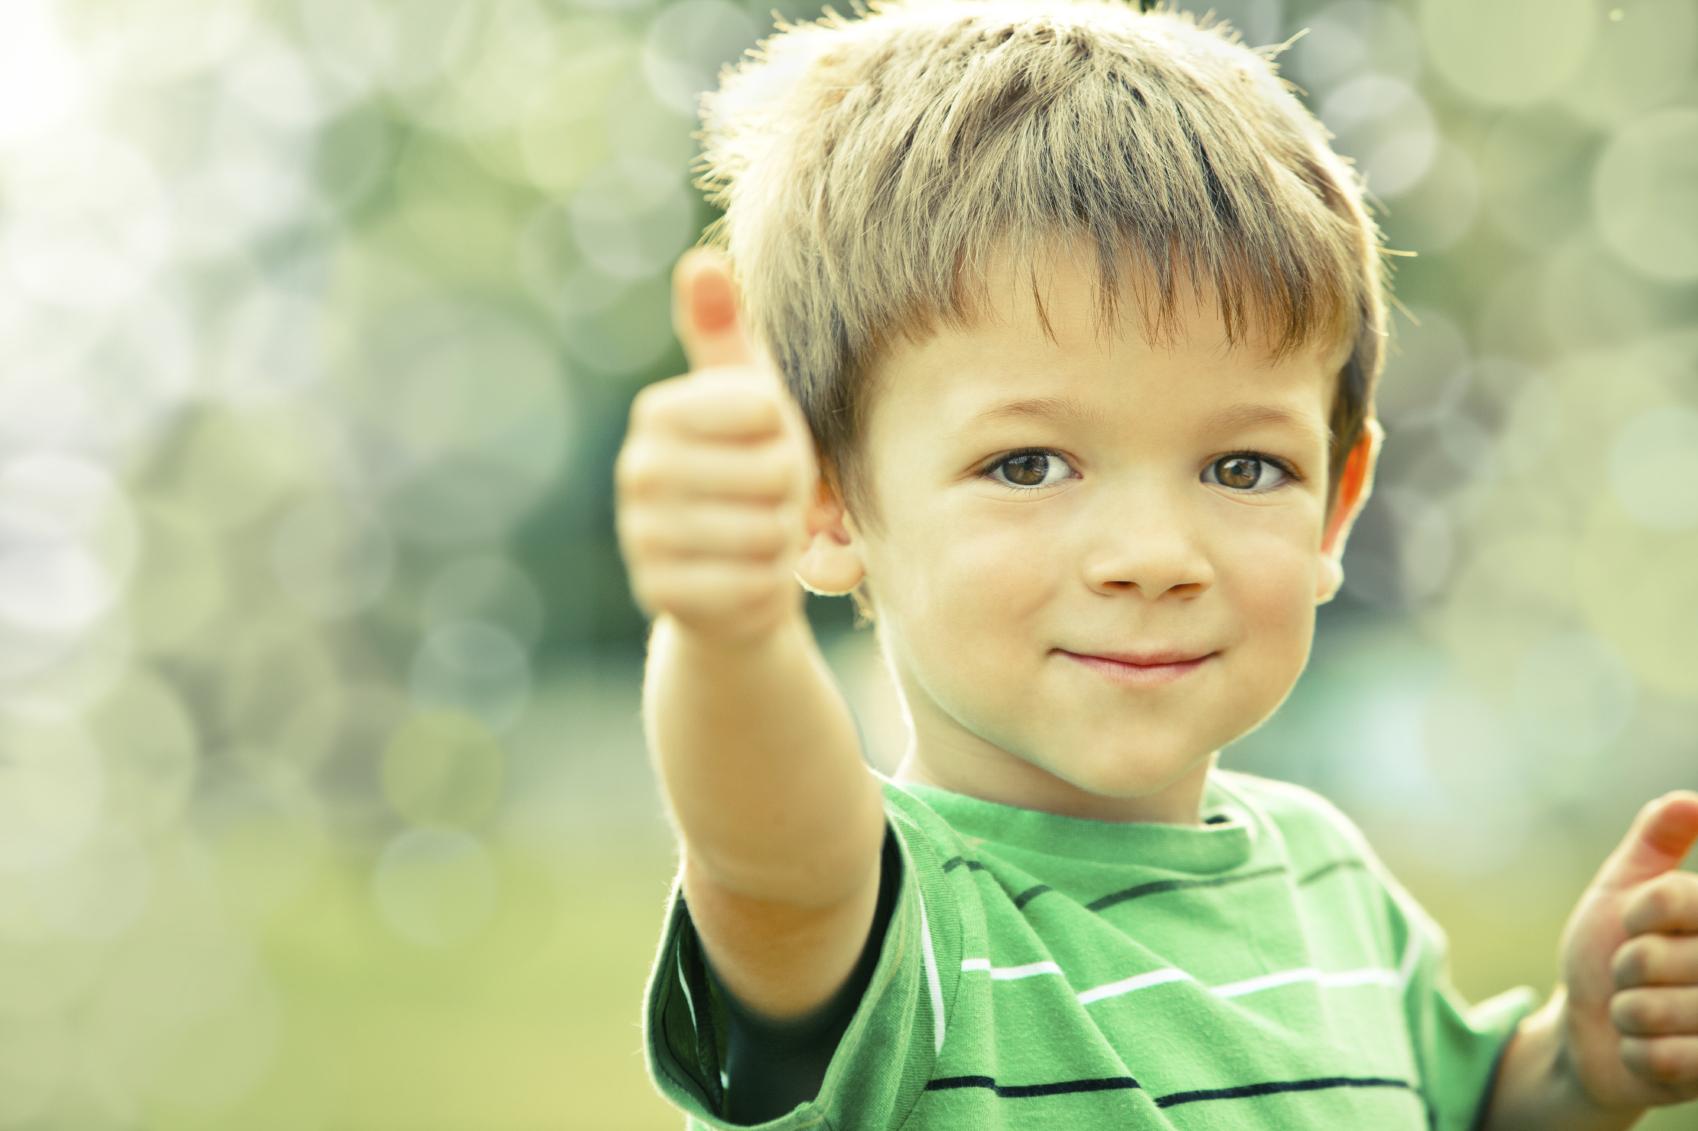 <-- Happy Kid. -